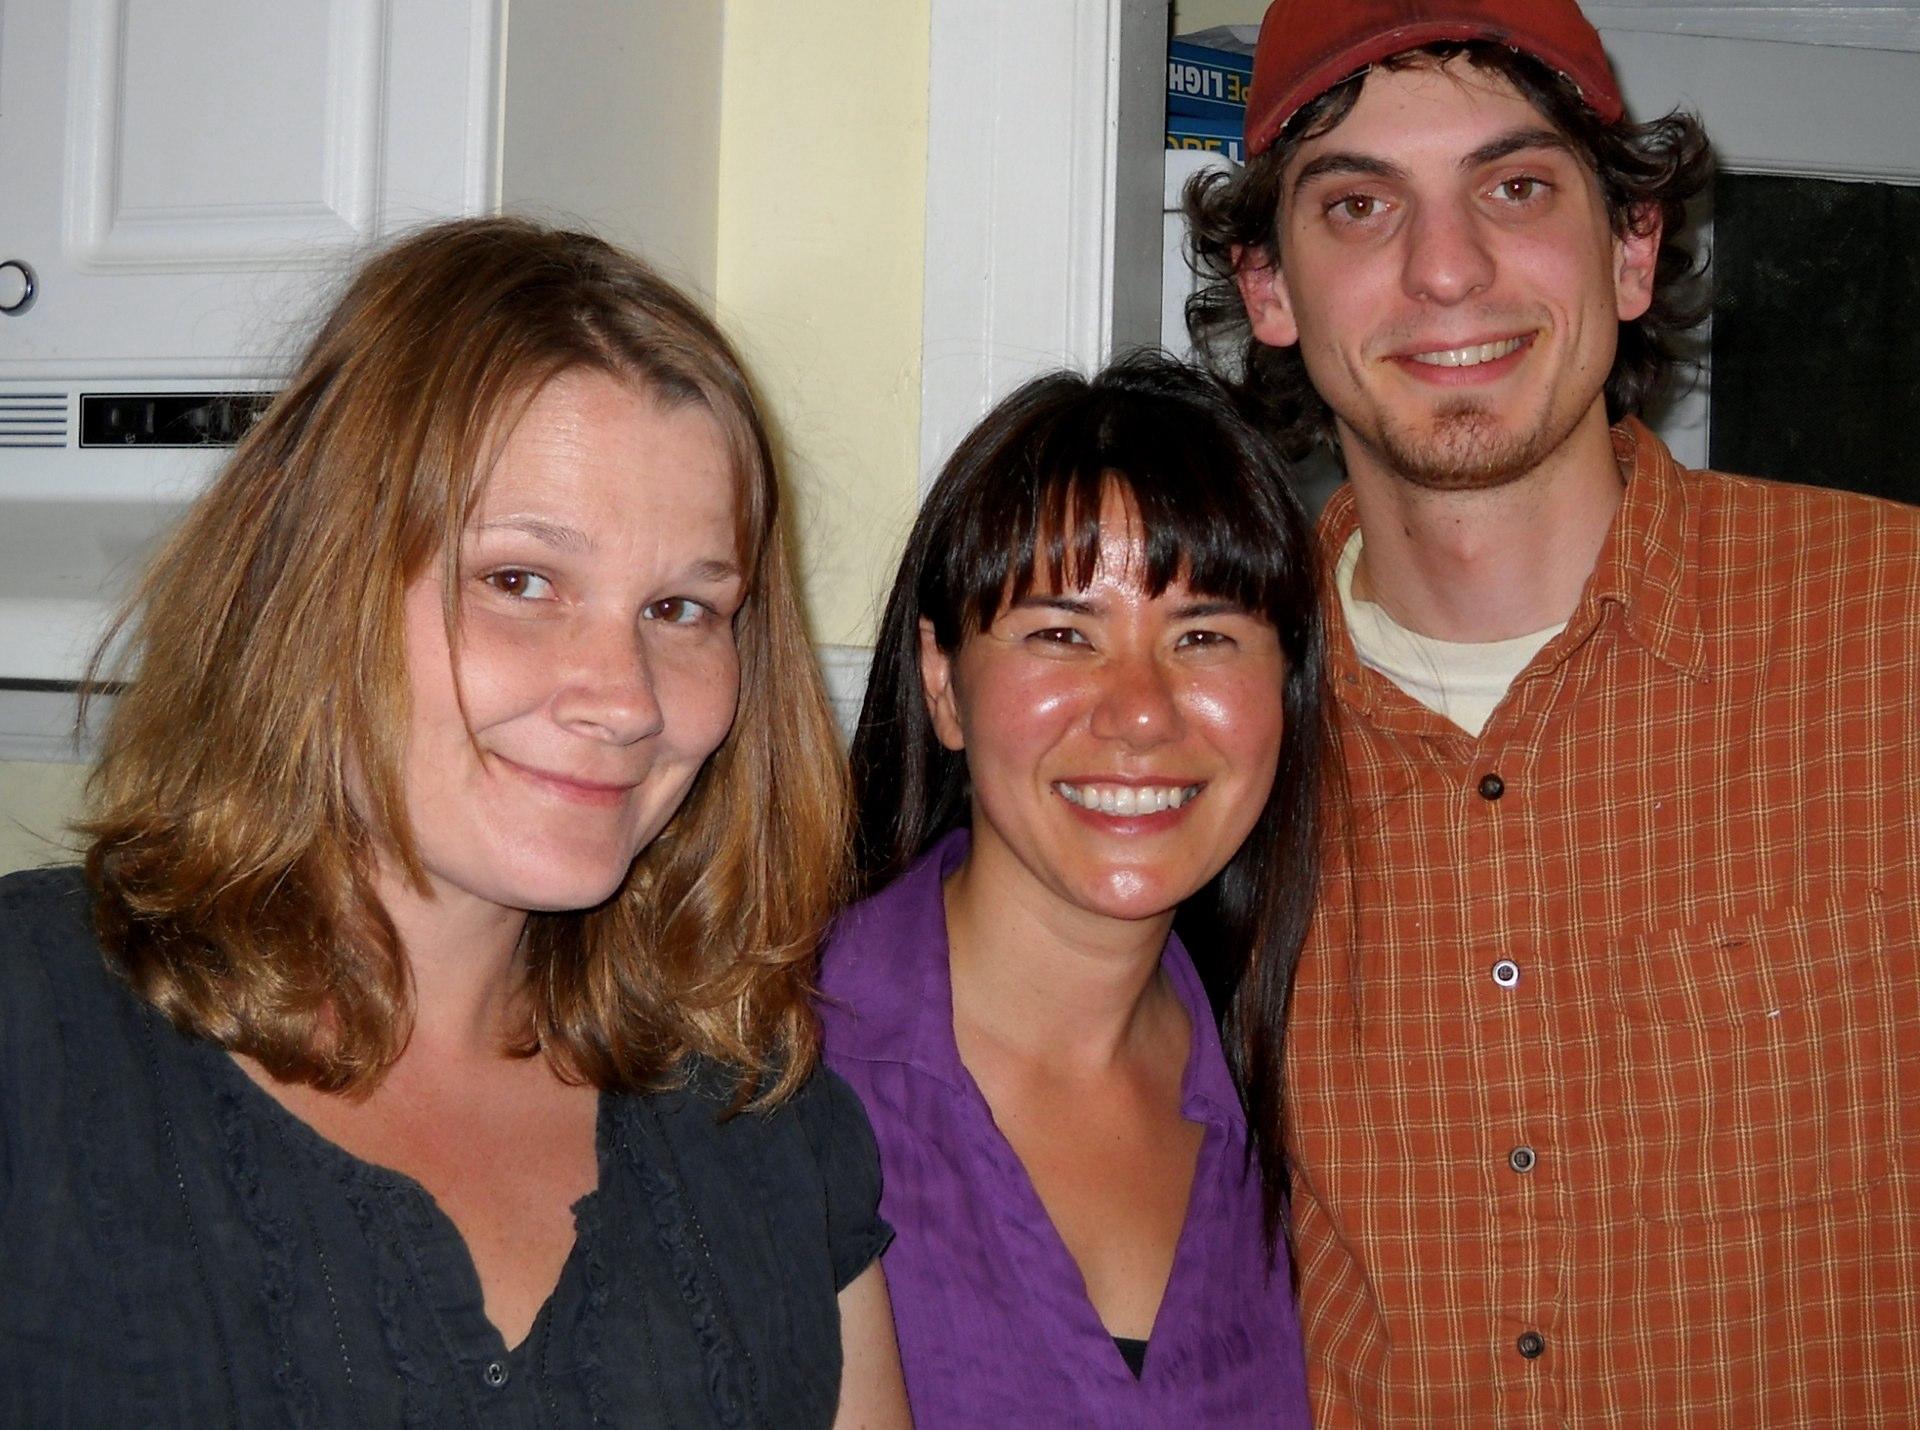 Nicki, Kathy, and Ryan